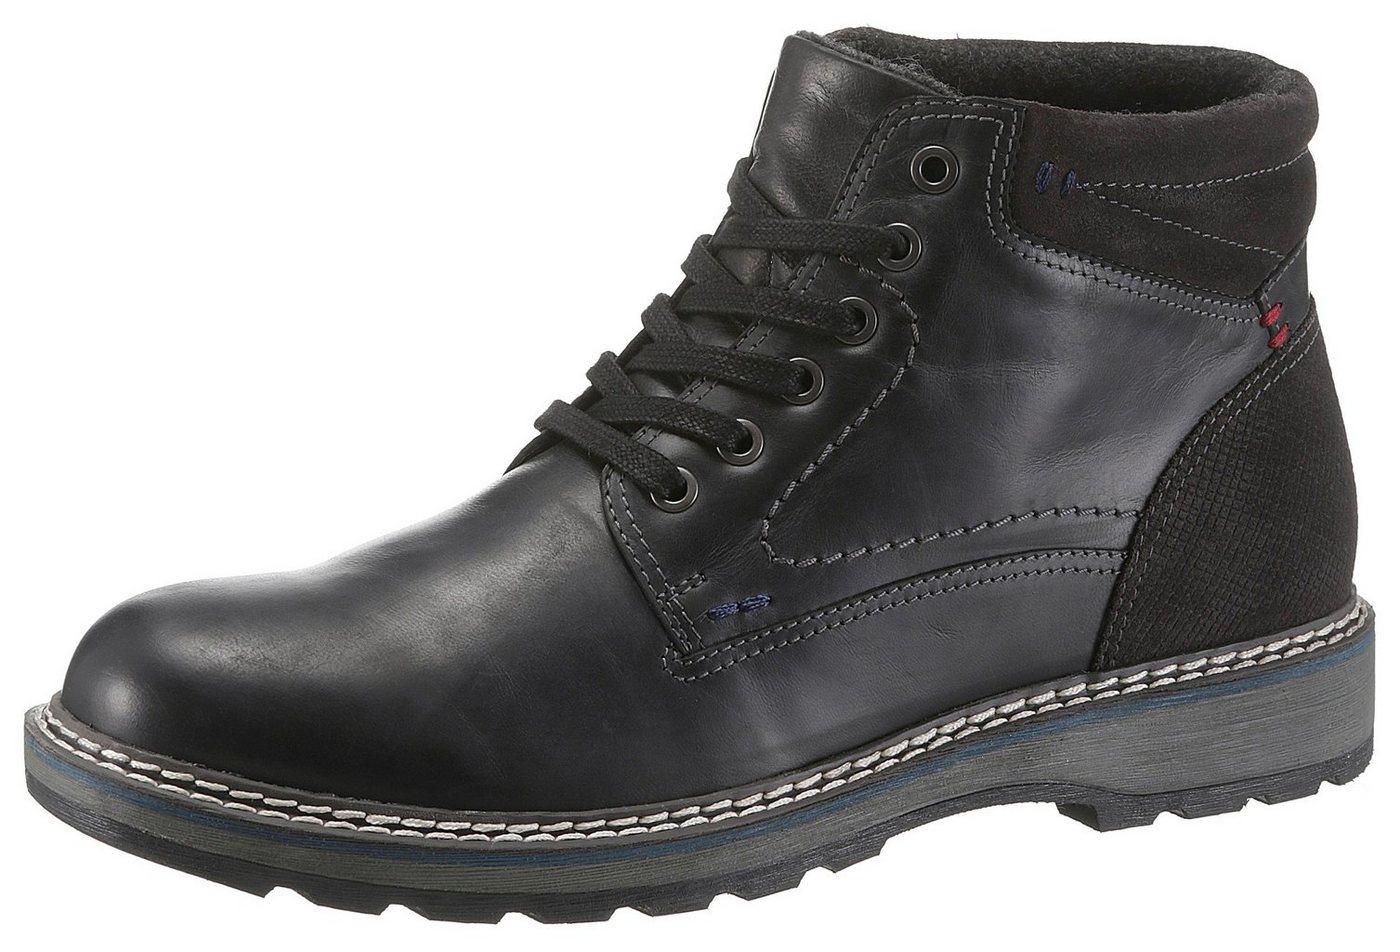 PETROLIO Schnürboots im modischen Materialmix   Schuhe > Boots > Schnürboots   Schwarz   Leder   PETROLIO